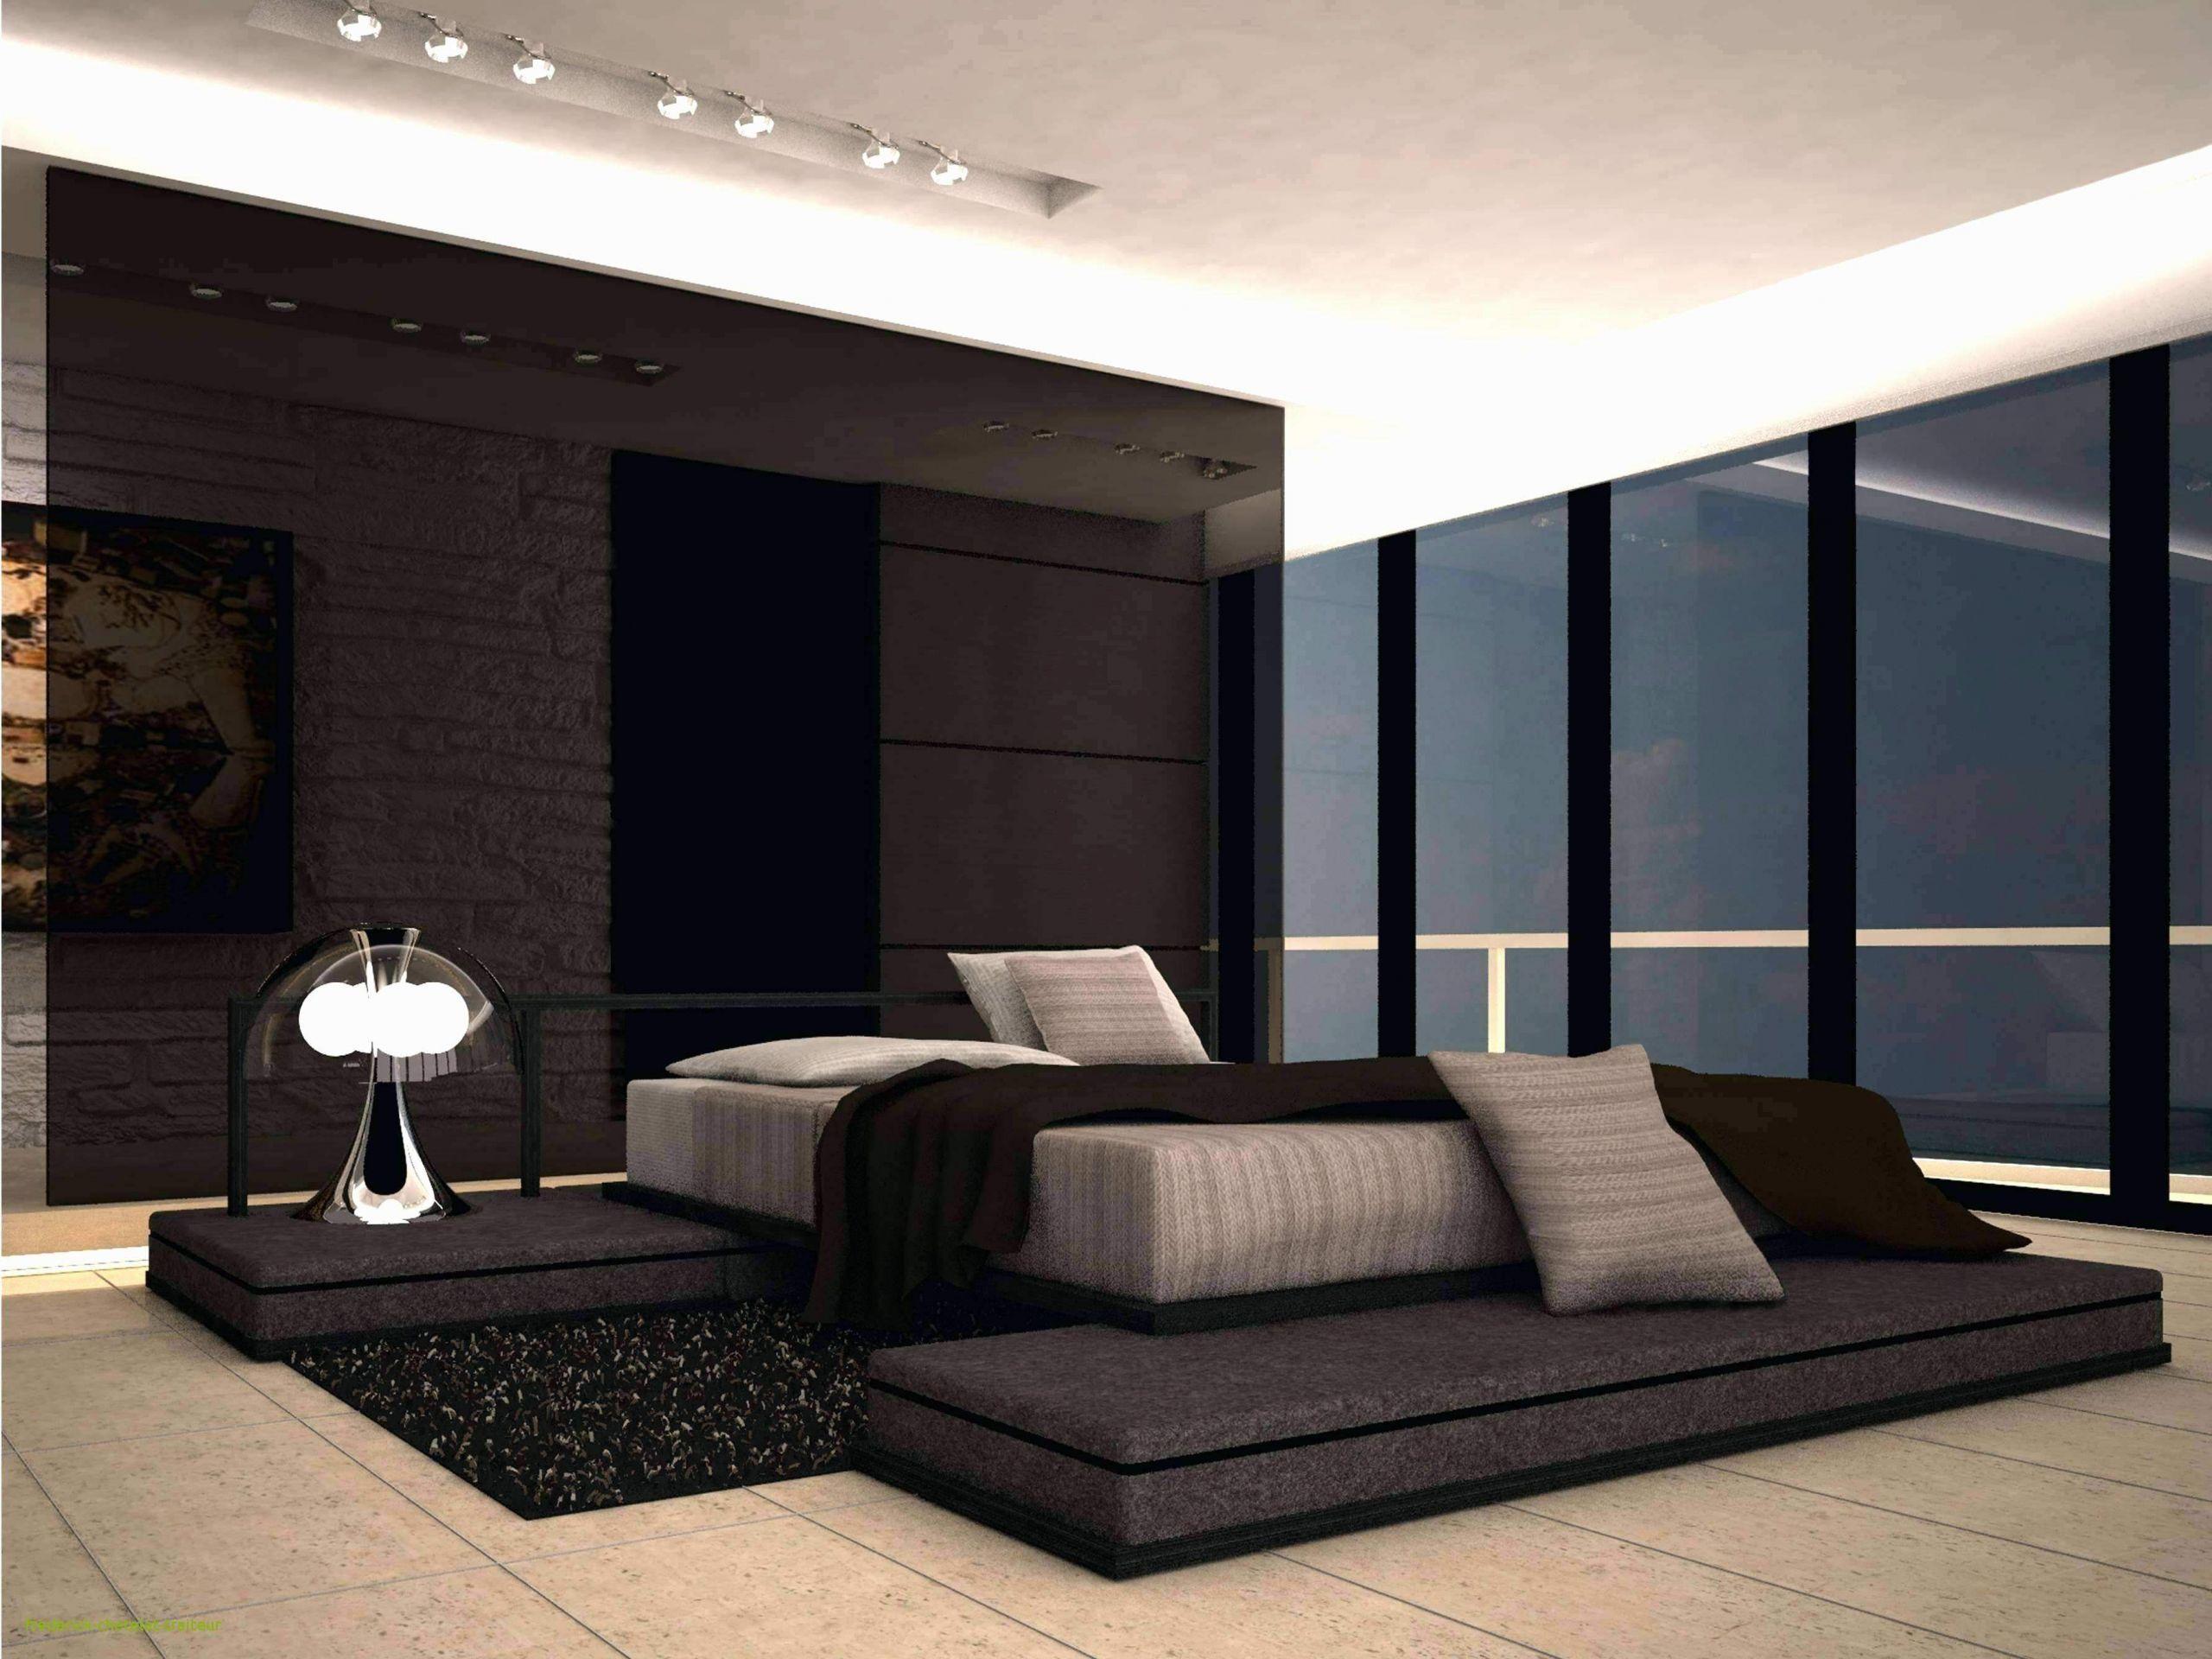 schoner wohnen tapete das beste von awesome wohnzimmer ideen schoner wohnen ideas of schoner wohnen tapete 1